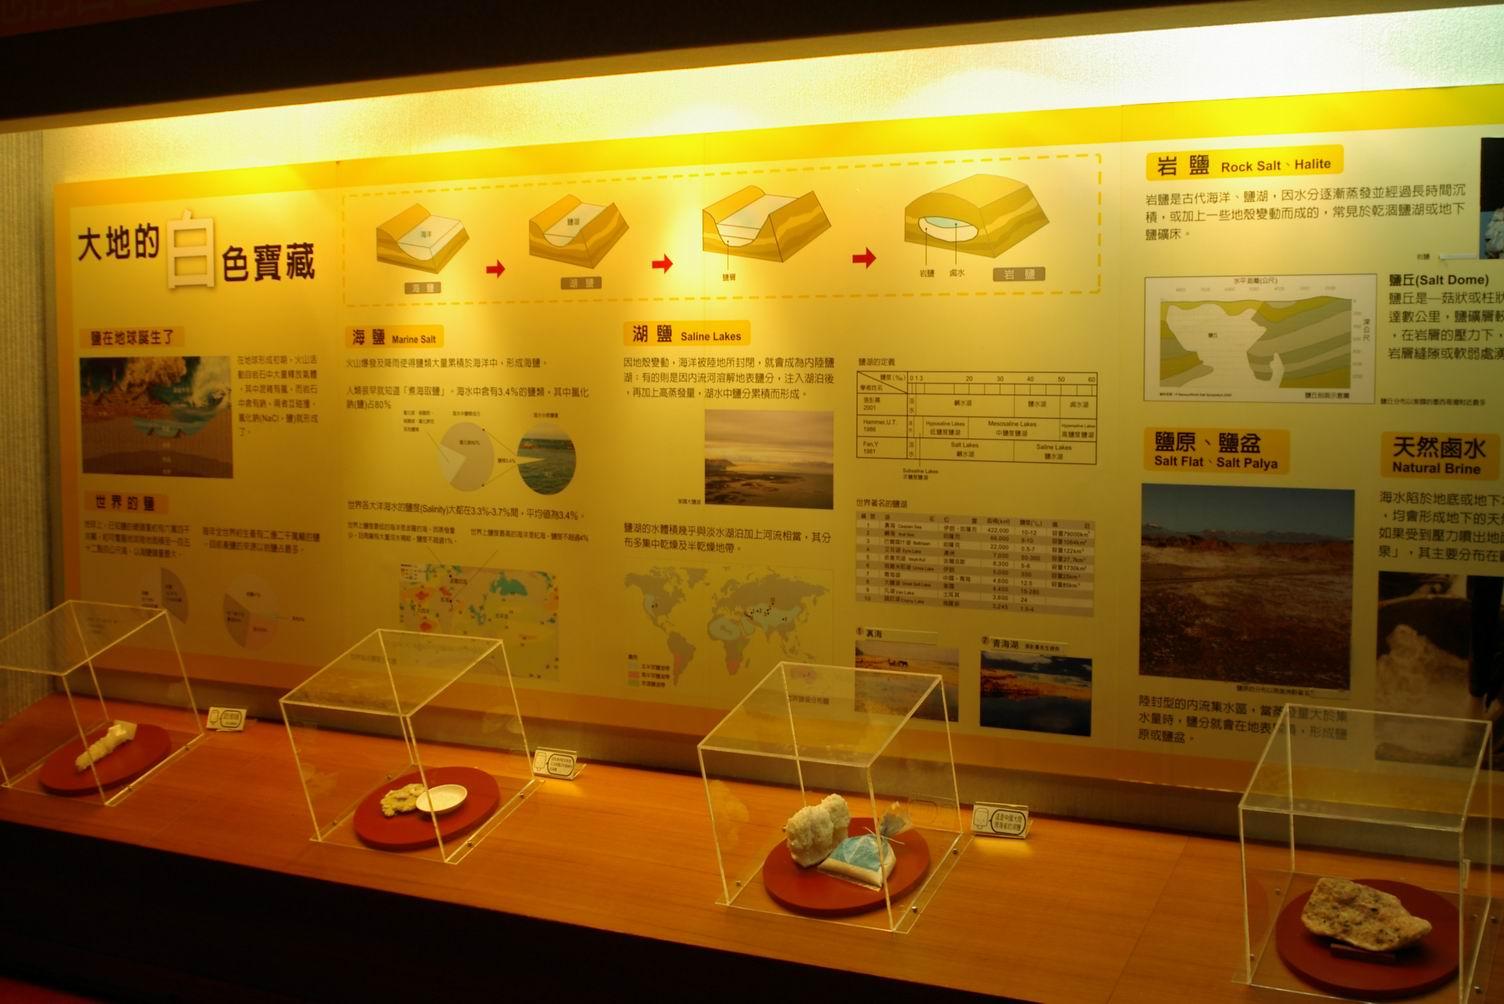 たいわんいえんぼぉうぐぅあん(台灣鹽博物館)の内部